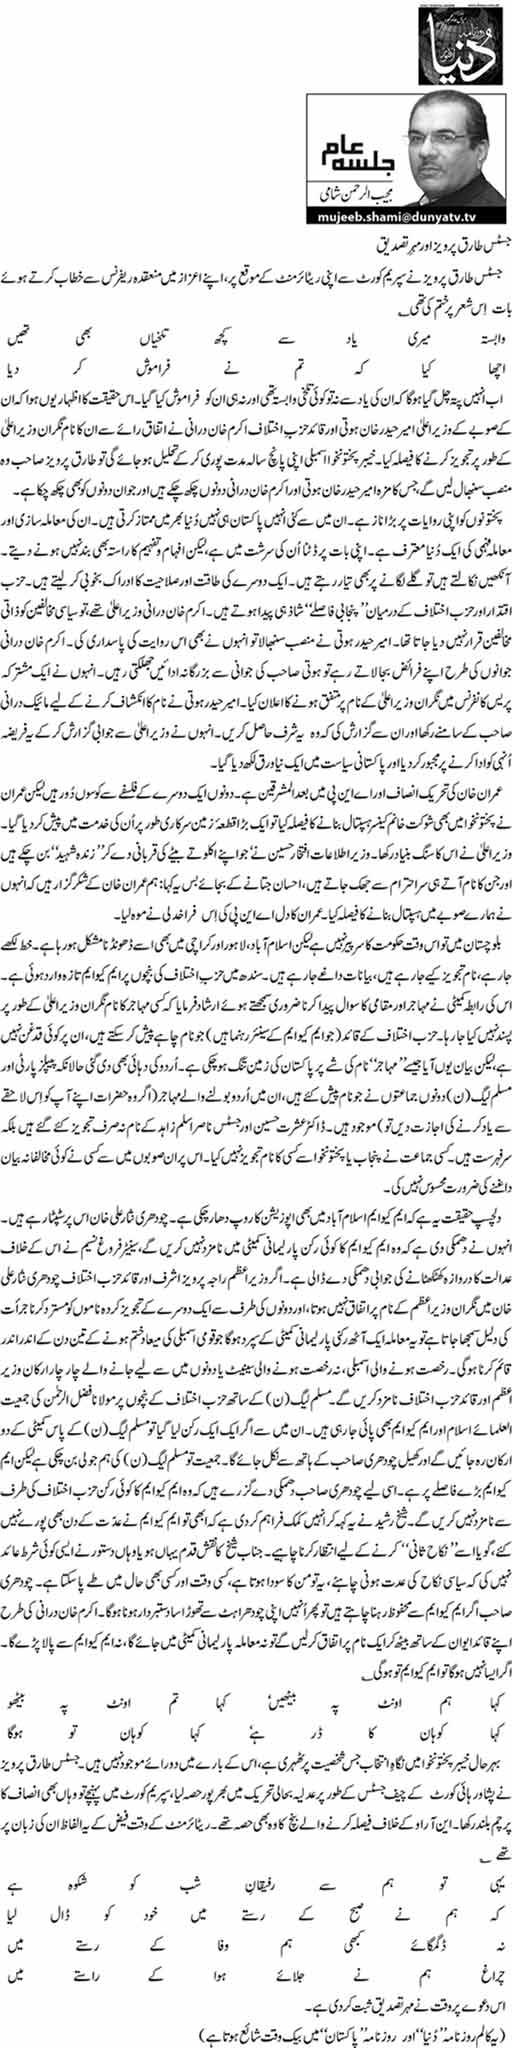 Justice Tariq Pervez Aur Mehr Tasdeeq - Mujeeb ur Rehman Shami